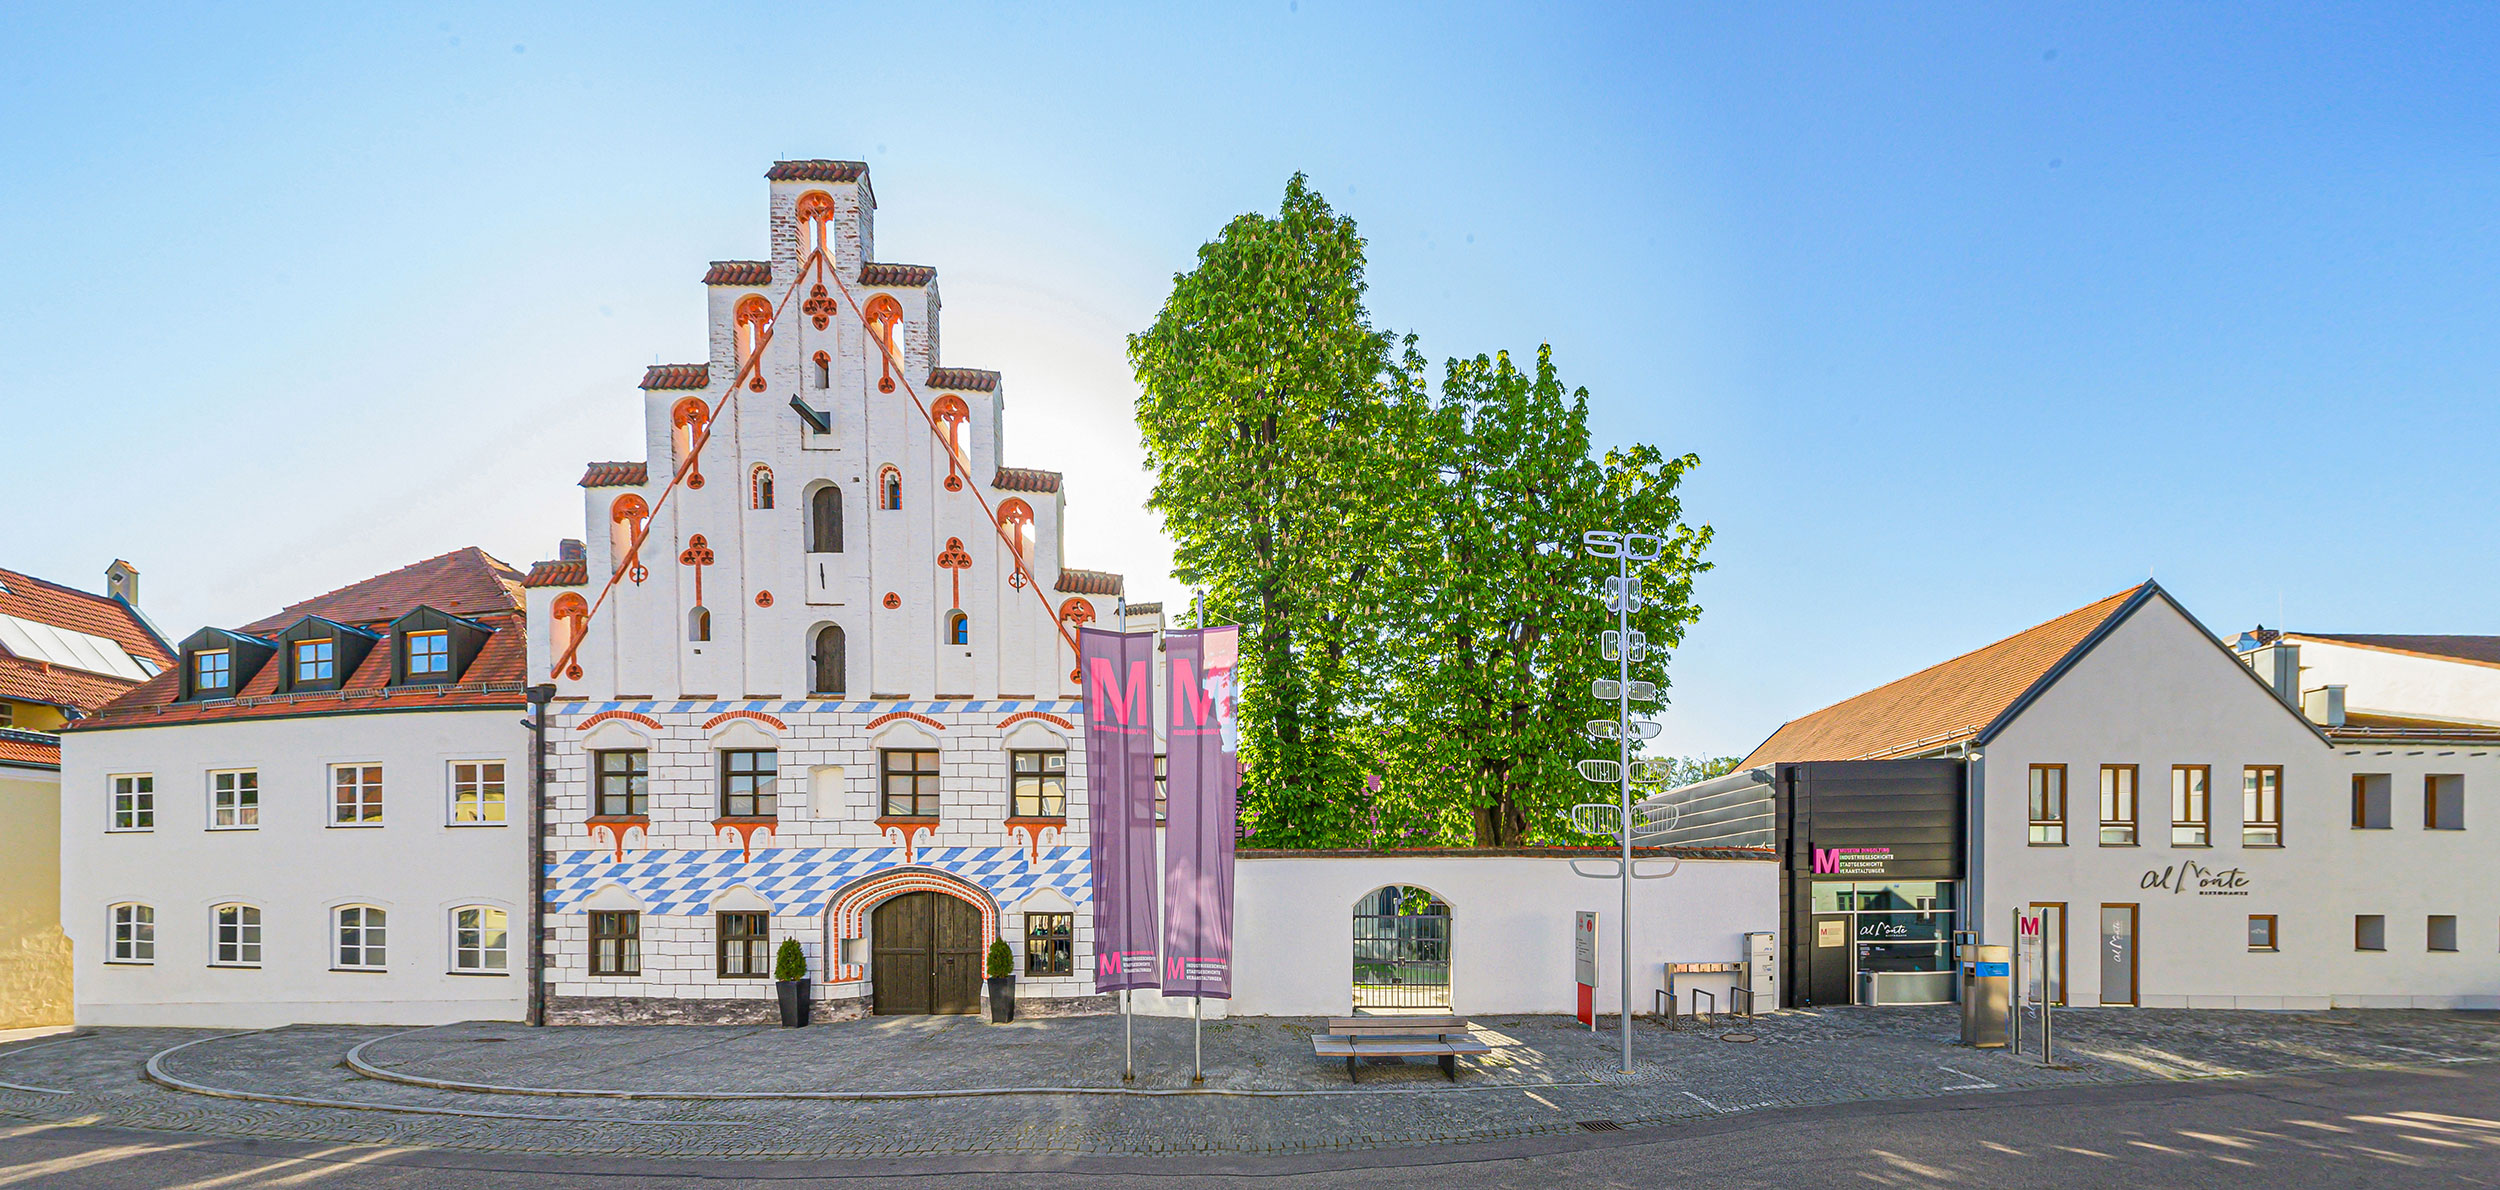 Die Herzogsburg ist ein beeindruckendes spätgotisches Baudenkmal in der Oberen Stadt.